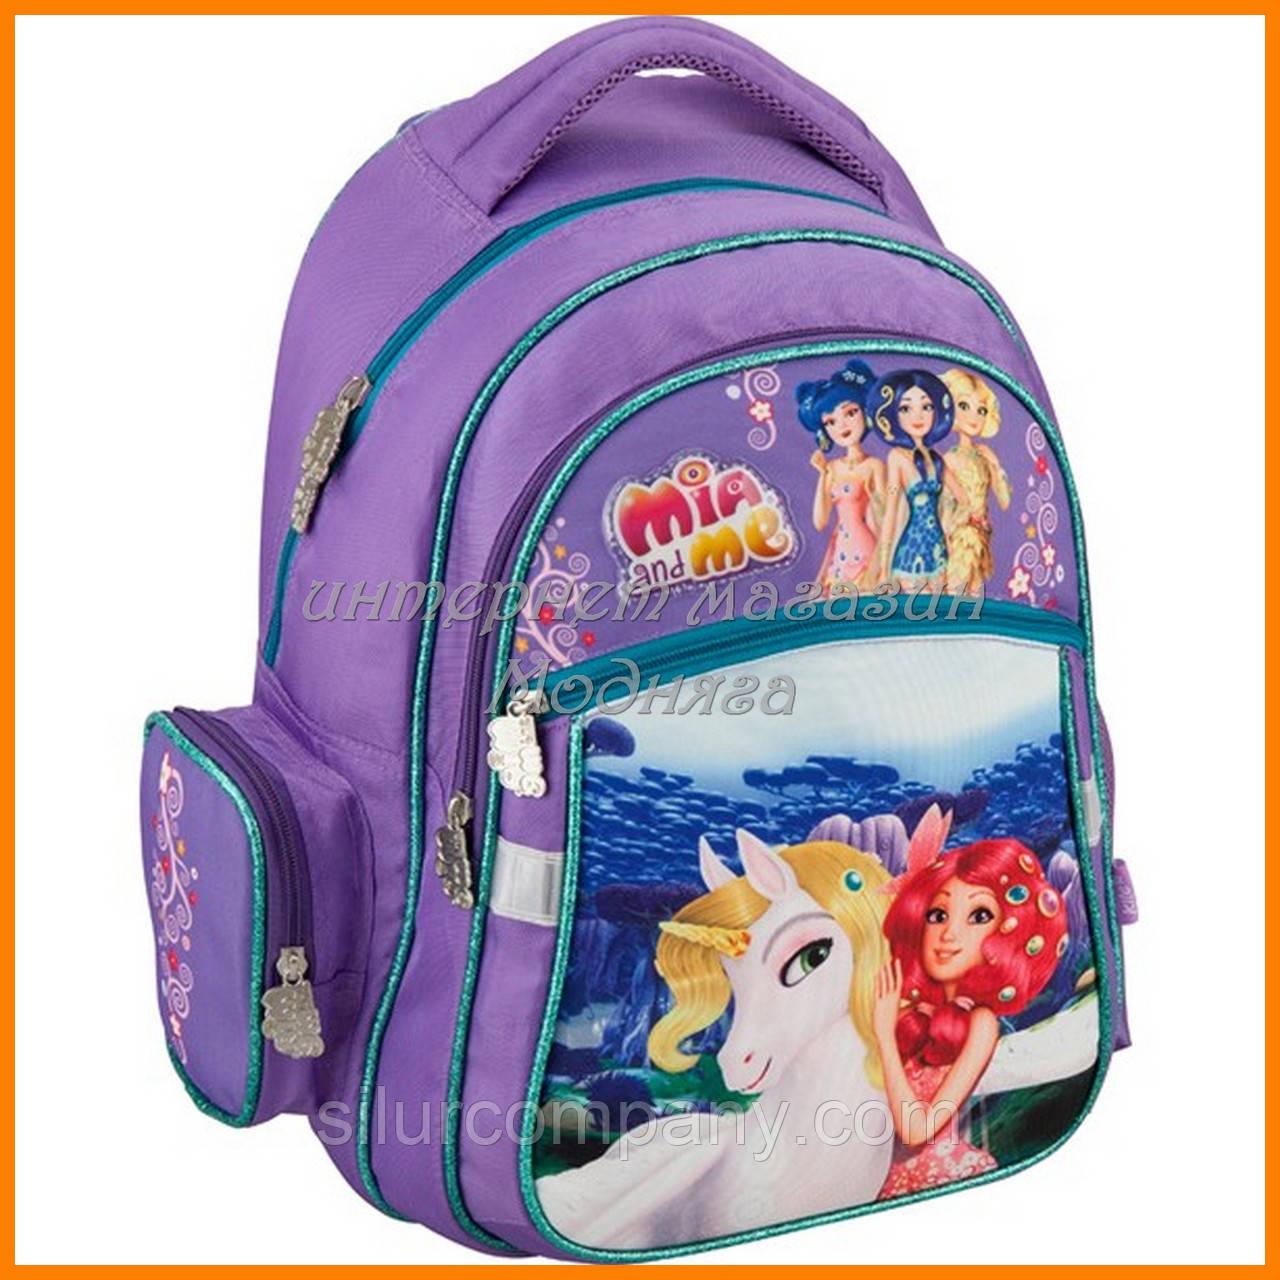 0ceb8b1f66c5 Школьный рюкзак для девочки   Рюкзак